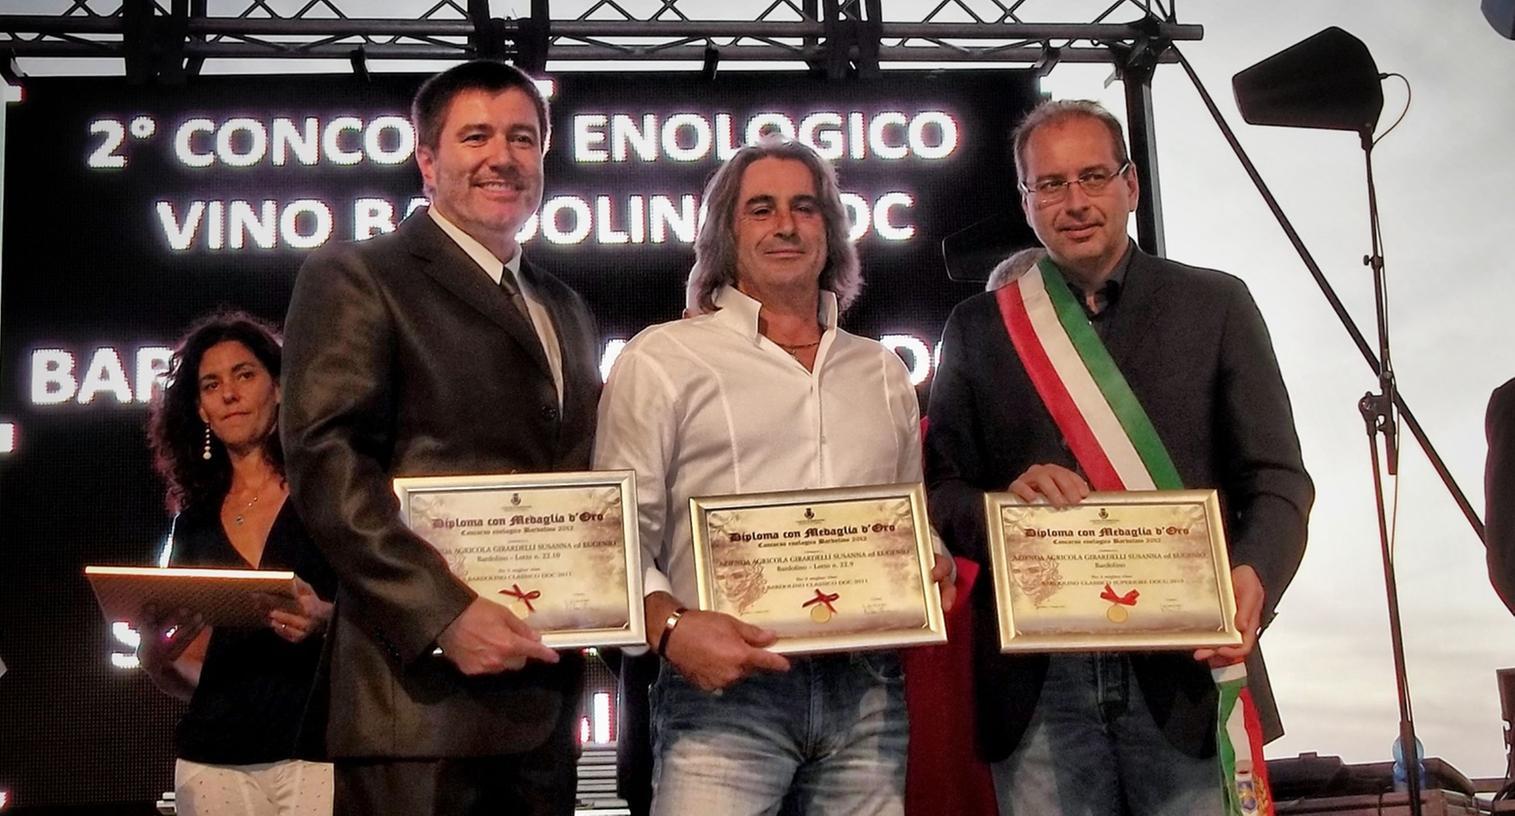 Rednitzhembachs Bürgermeister Jürgen Spahl und sein Kollege Ivan de Beni überreichen Eugenio Girardelli drei Urkunden für hervorragende Weine.